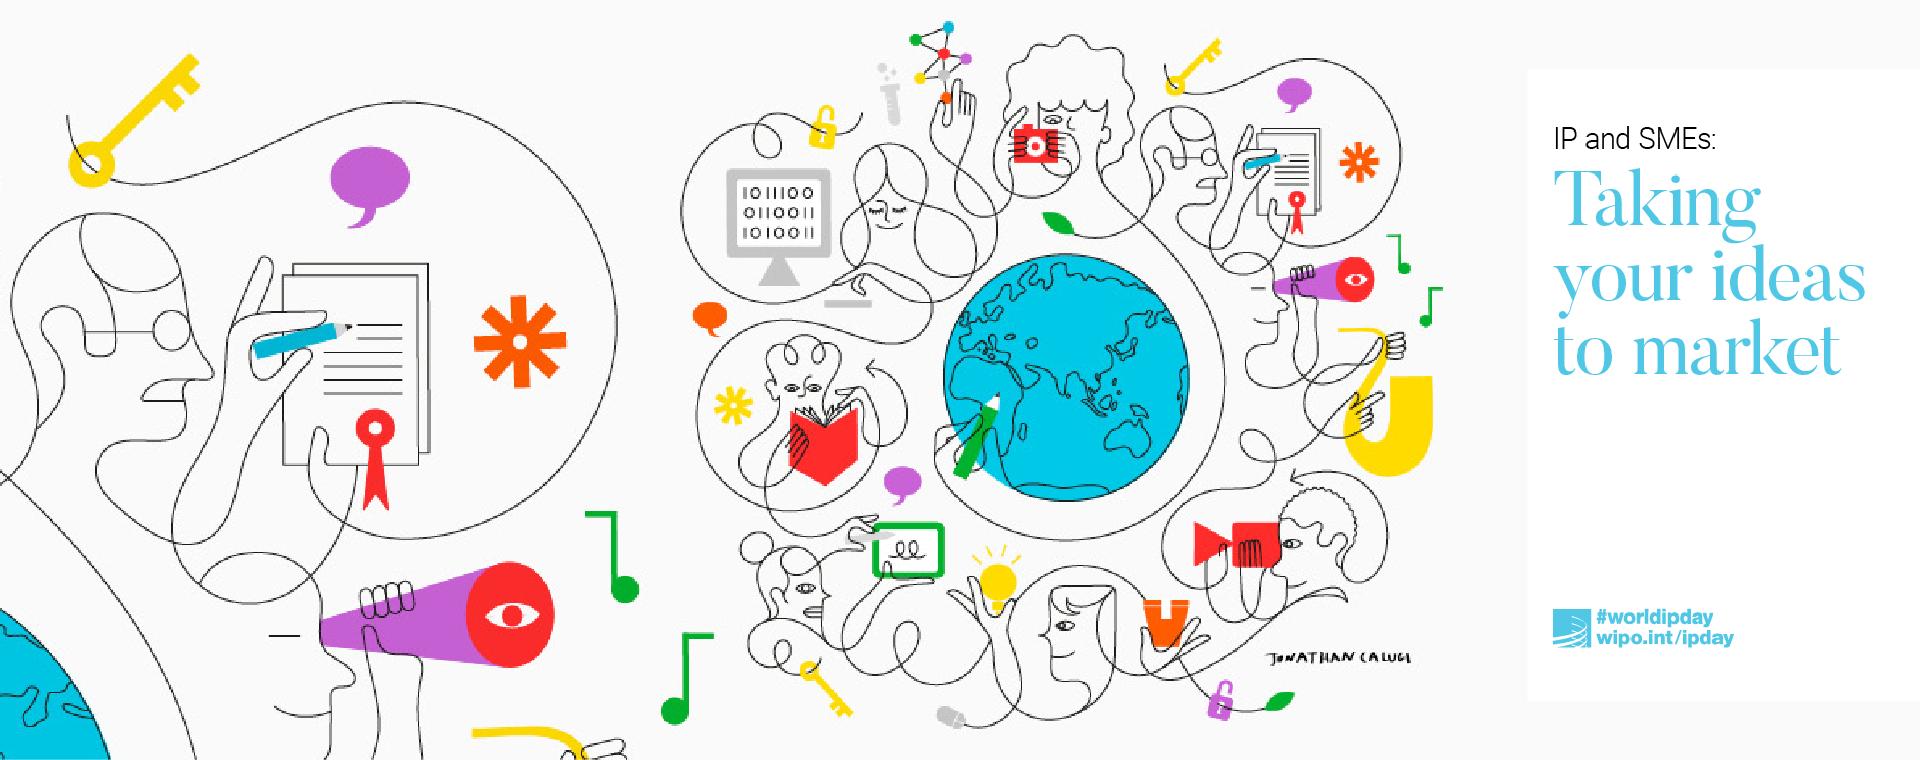 Terre creative: valorizzare le idee per vincere le sfide del mercato